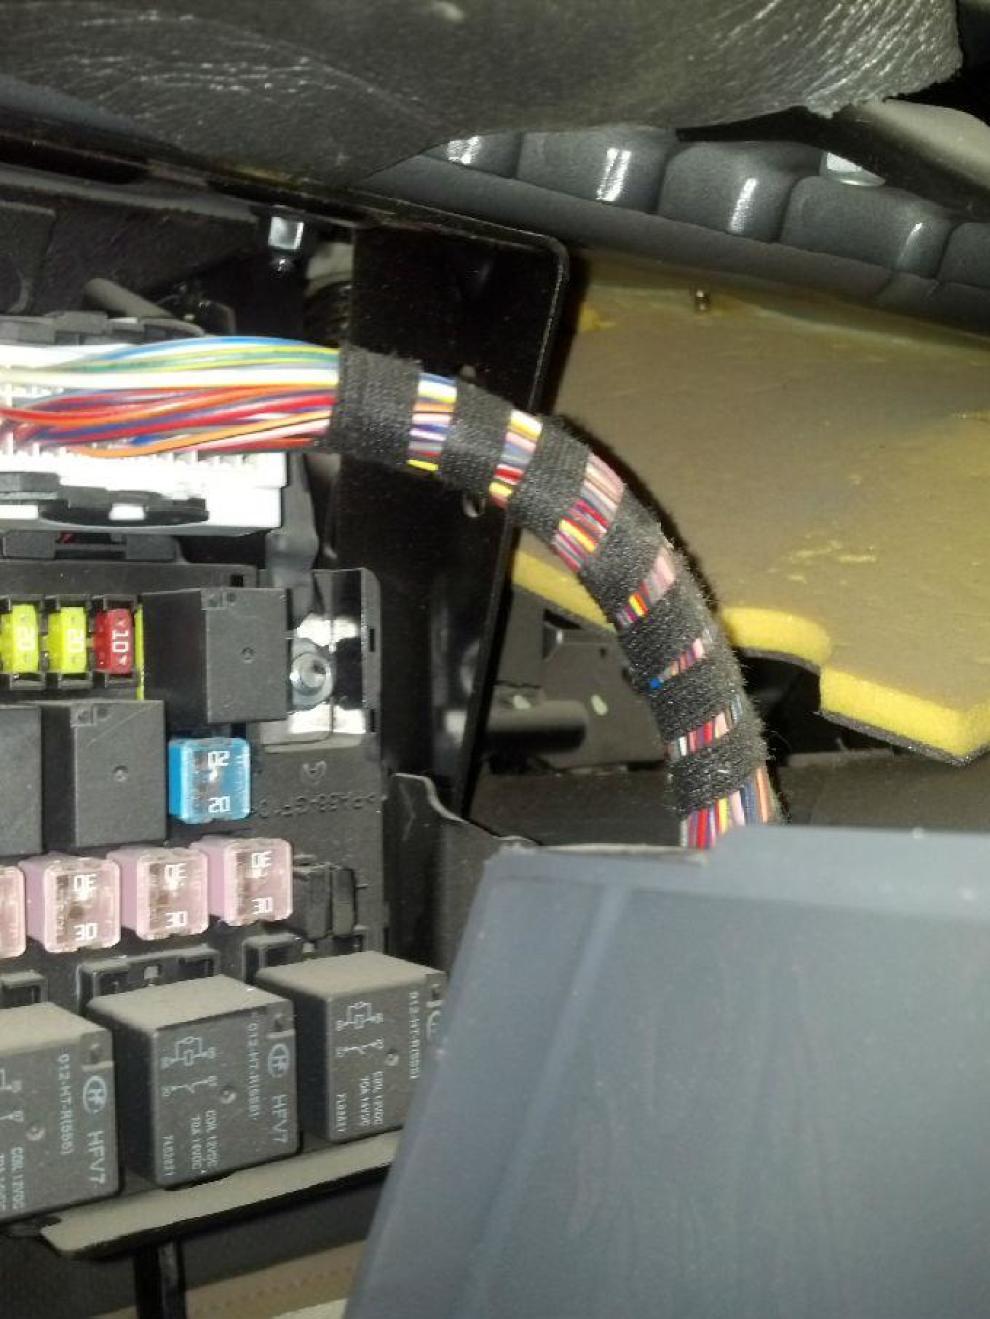 旗云2 保险盒 说明,旗云2保险盒,2010款旗云2保险盒图,12款旗云2高清图片